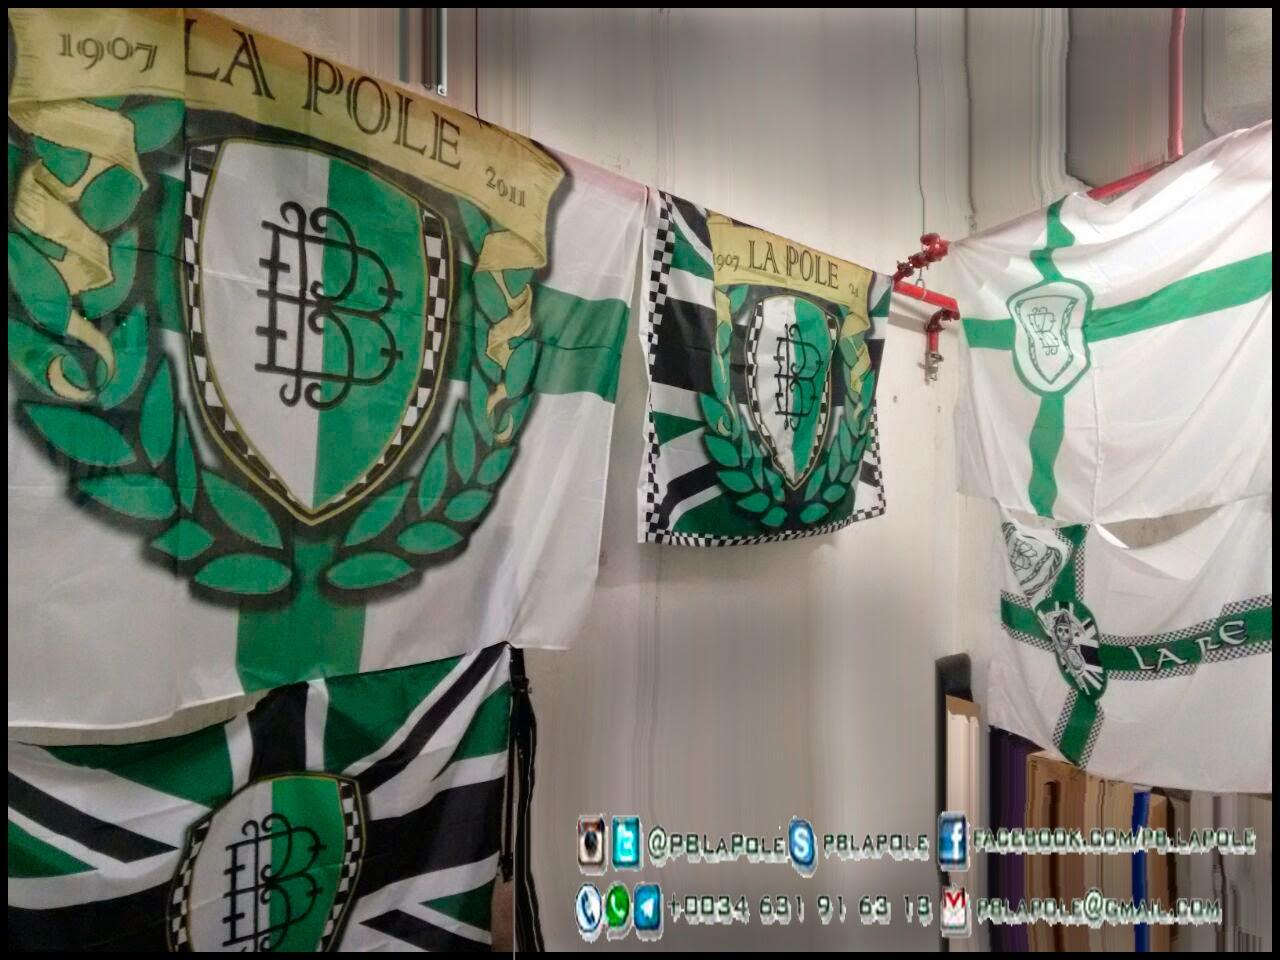 Banderas Peña Betica La Pole